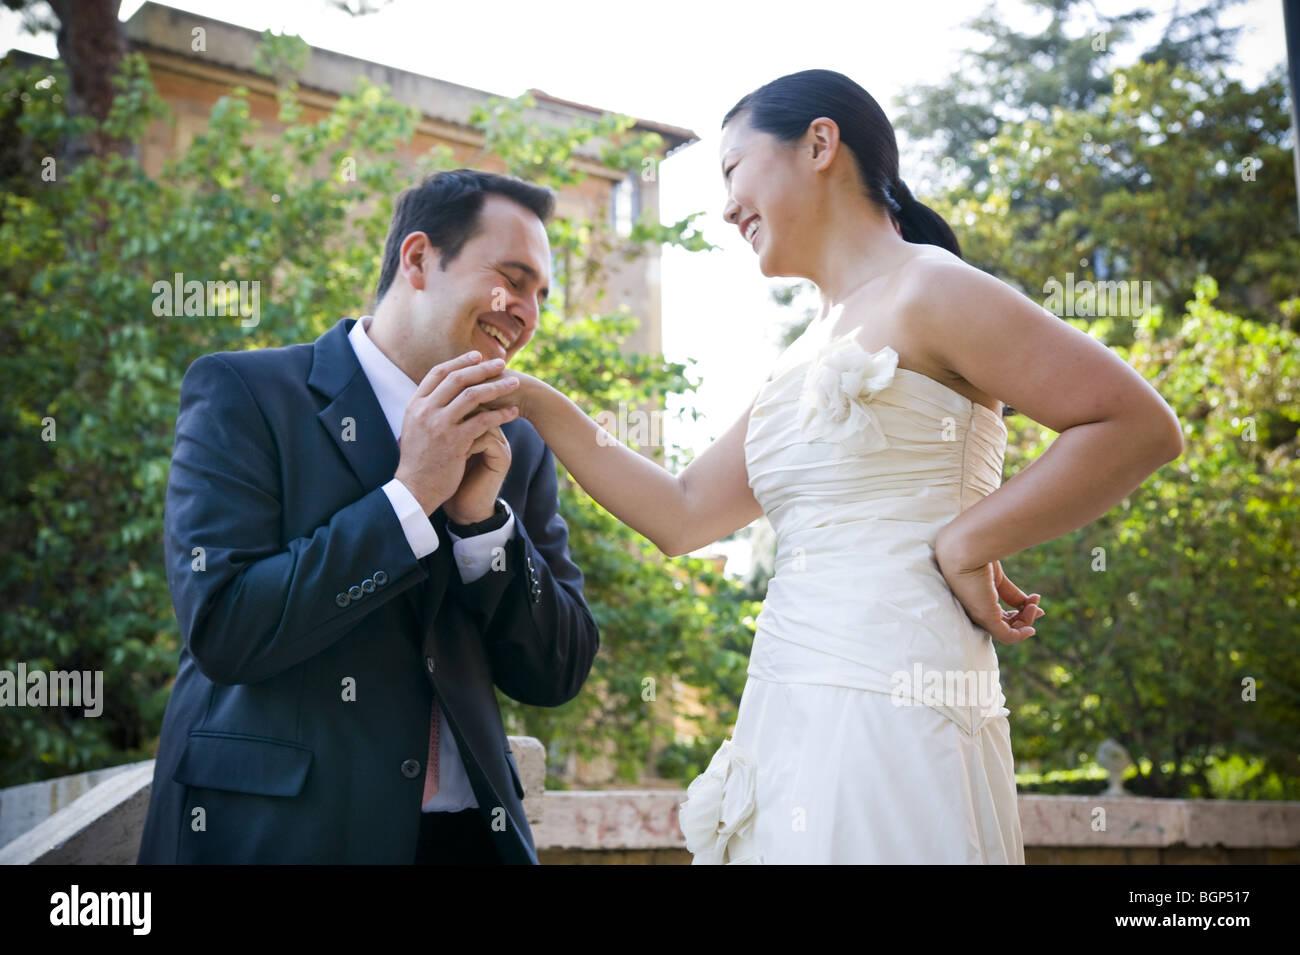 L'homme qui se propose d'Asian woman outdoors Photo Stock